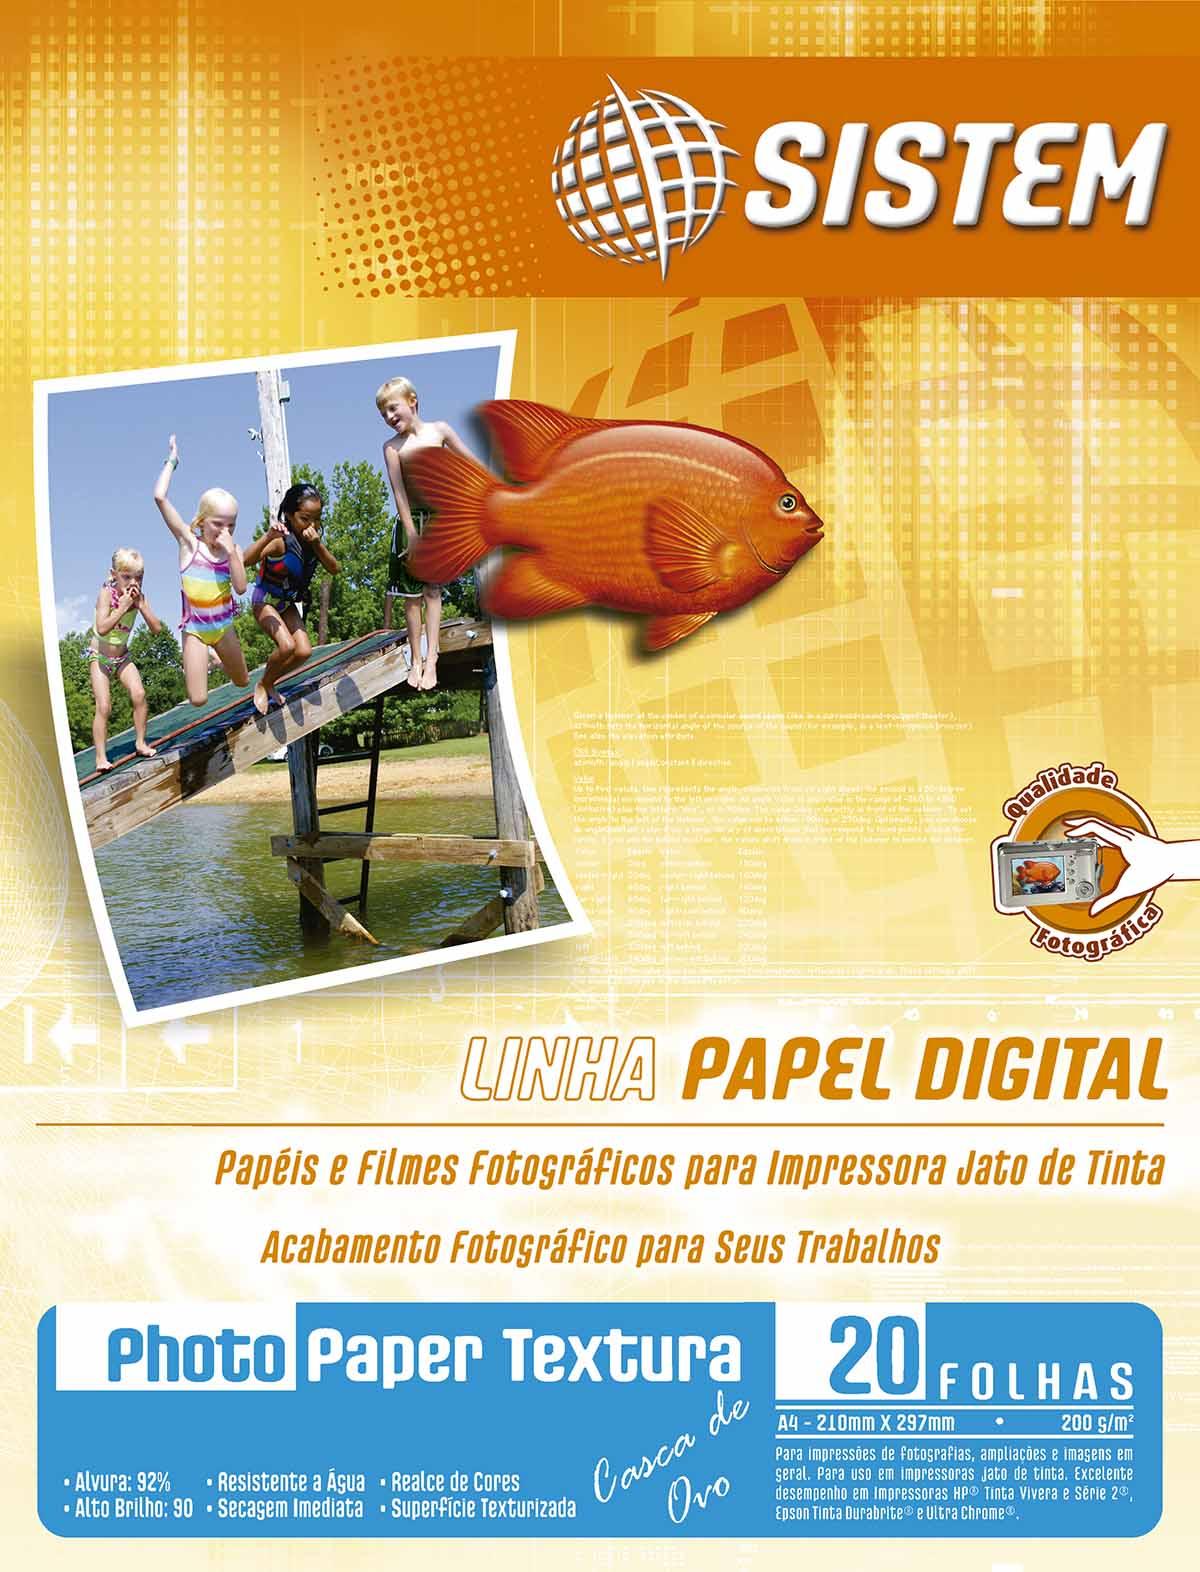 PHOTO PAPER TEXTURA CASCA DE OVO | A4 | 20 FOLHAS | 200g/m²